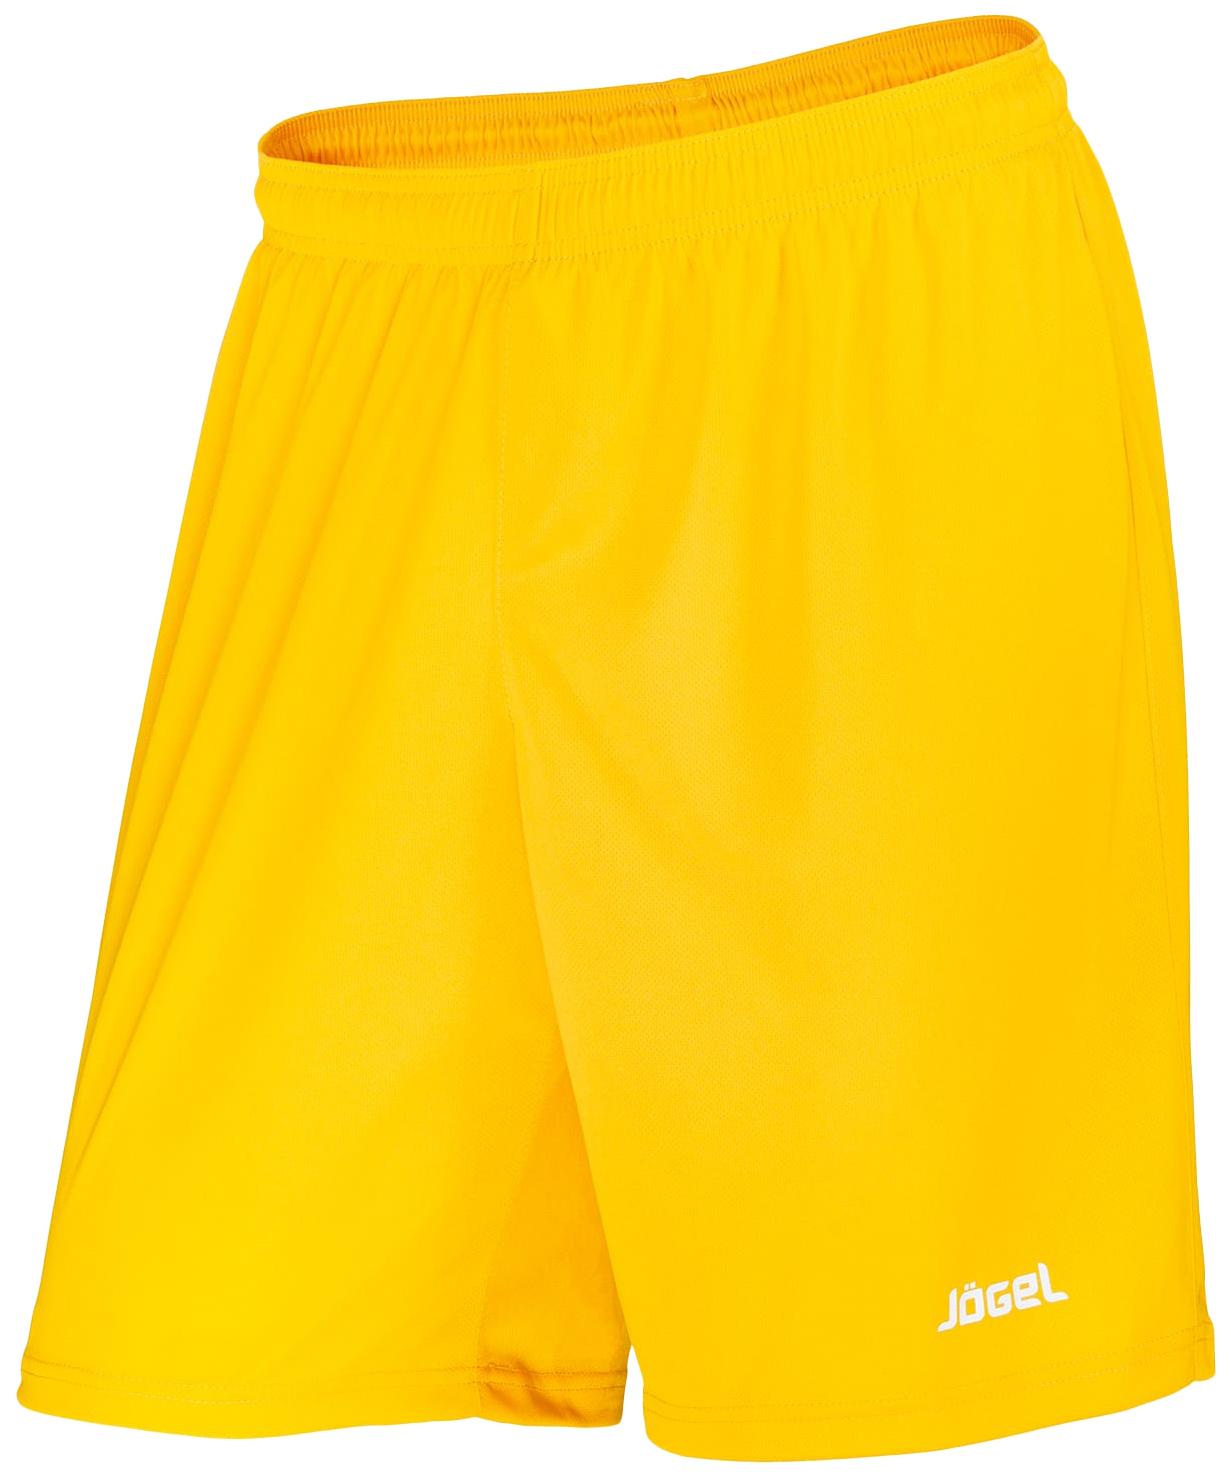 Шорты баскетбольные детские Jogel желтые JBS 1120